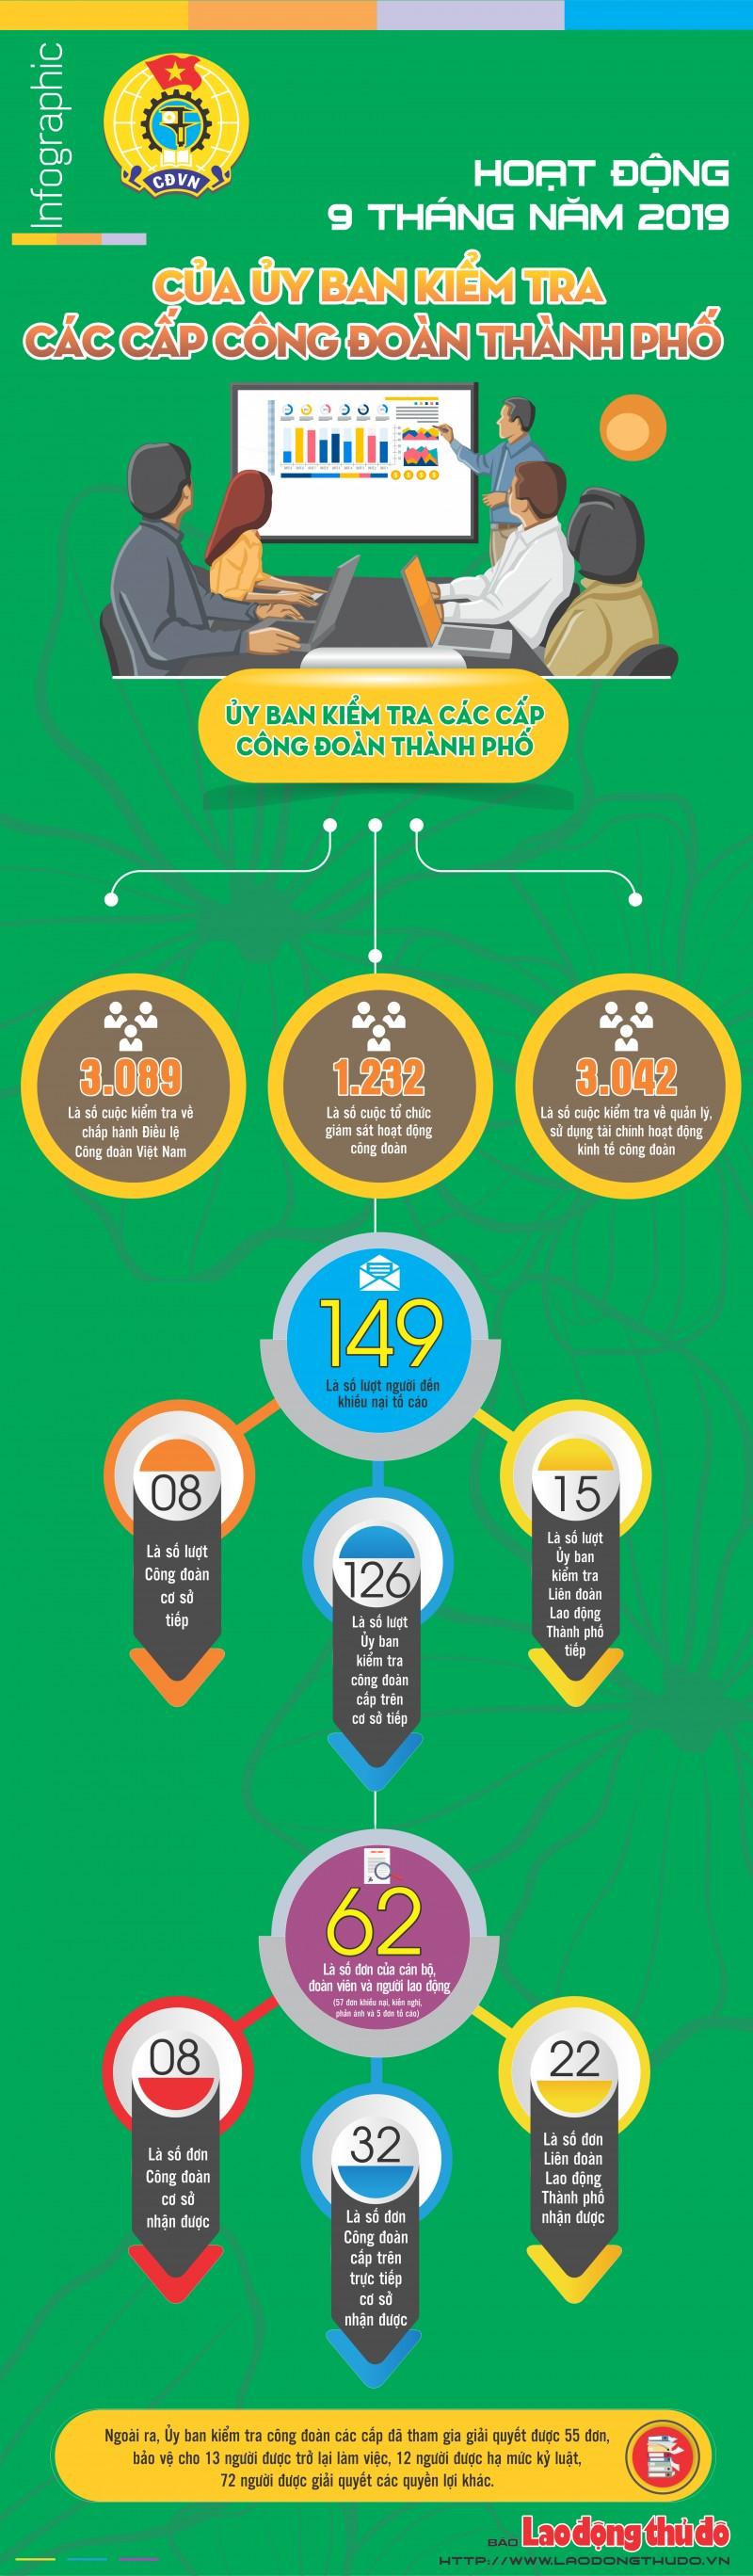 infographic tren 3000 cuoc kiem tra ve chap hanh dieu le cong doan viet nam